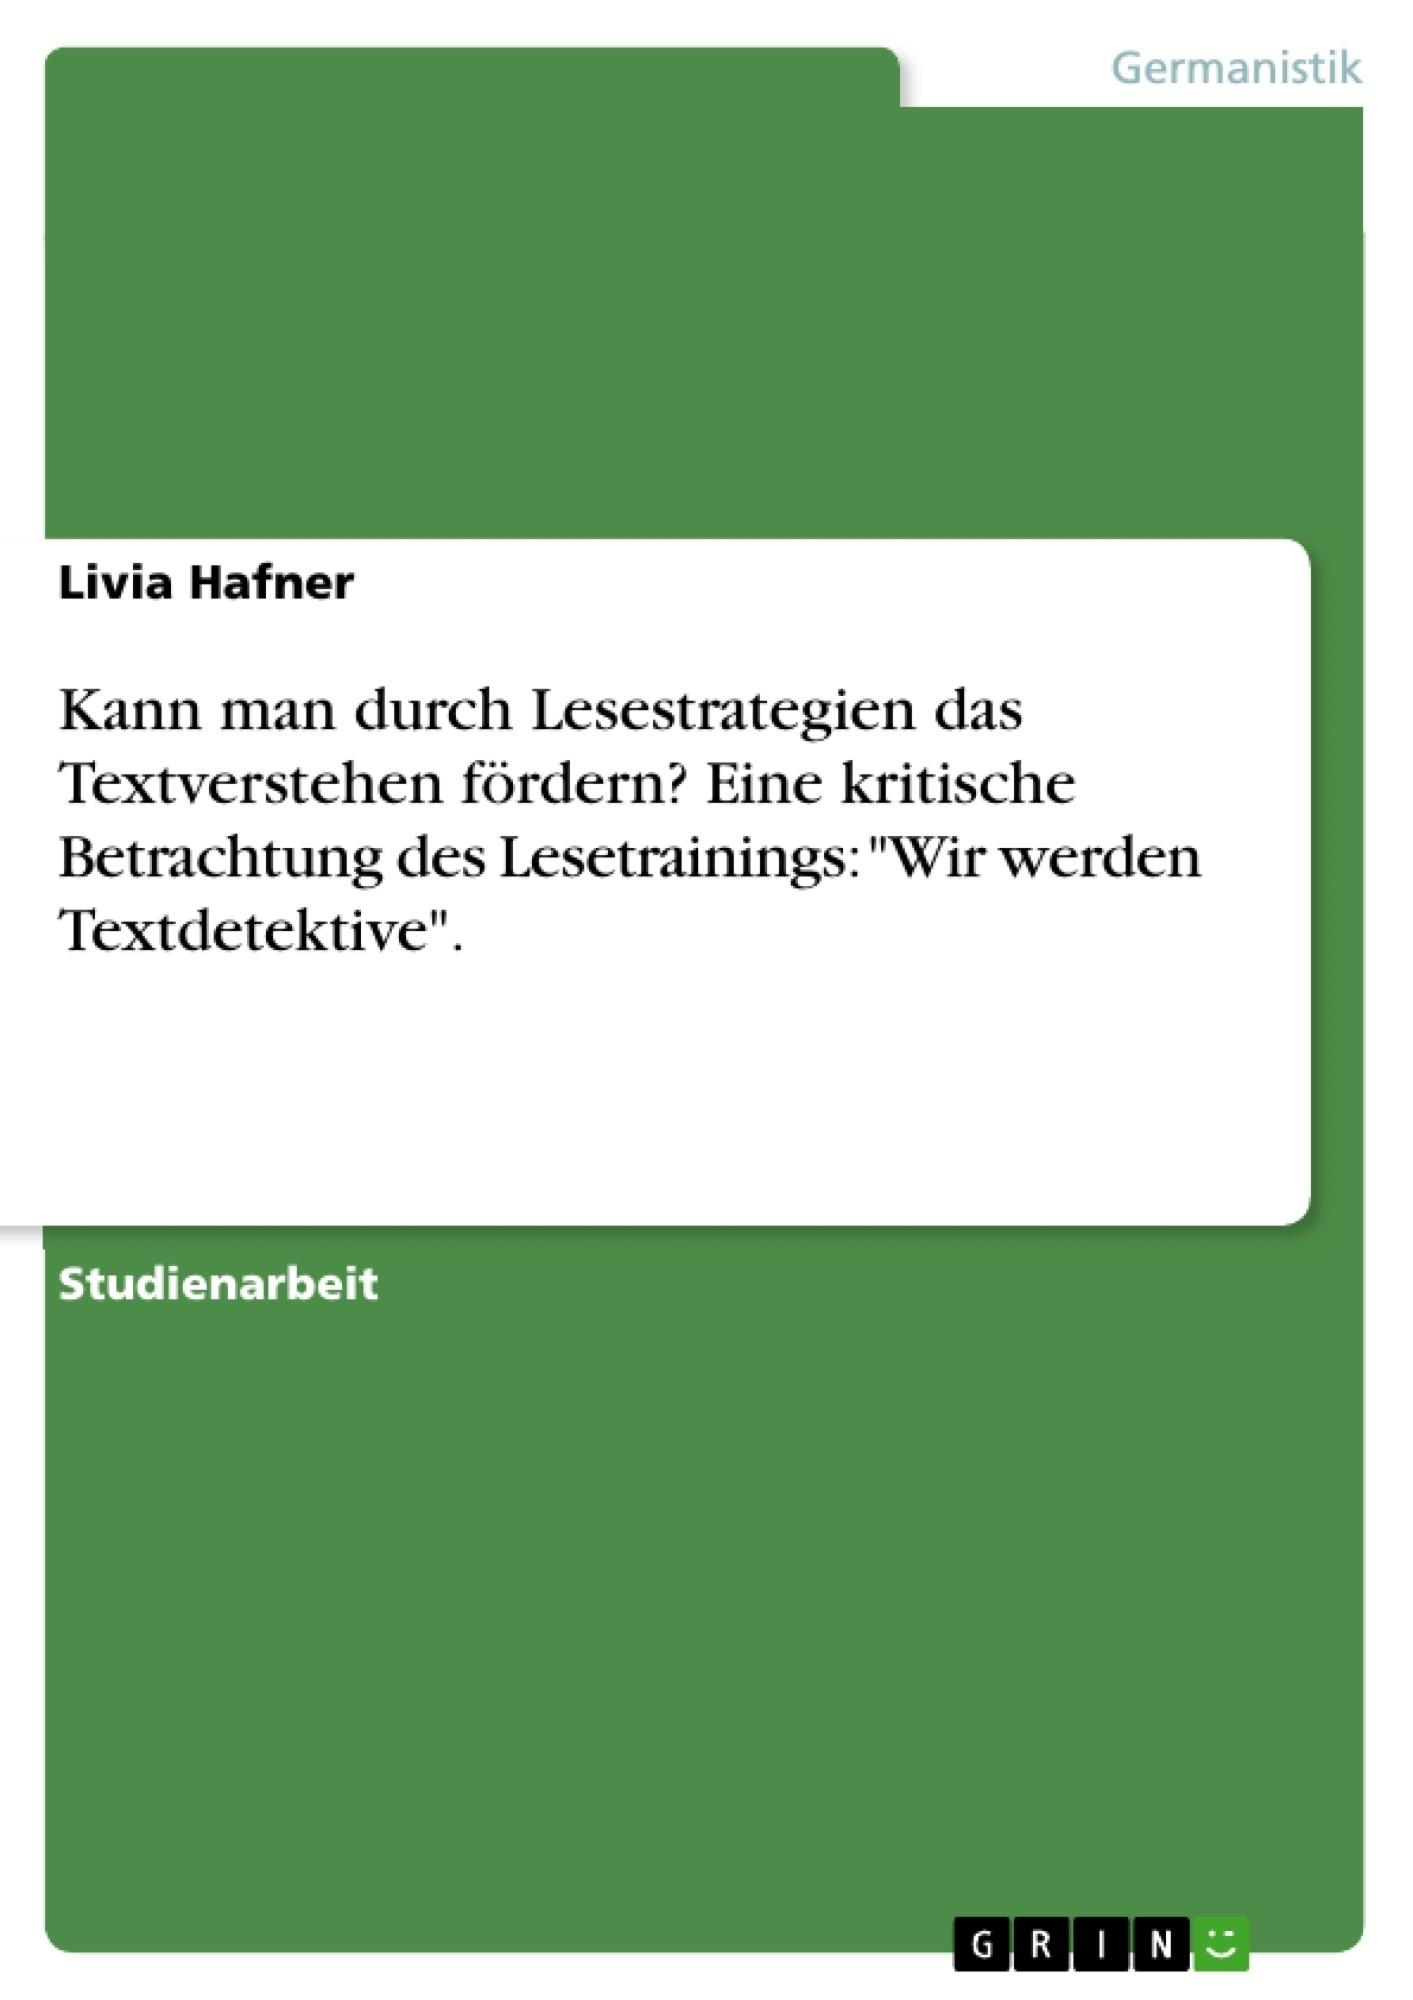 """Titel: Kann man durch Lesestrategien das Textverstehen fördern? Eine kritische Betrachtung des Lesetrainings: """"Wir werden Textdetektive""""."""